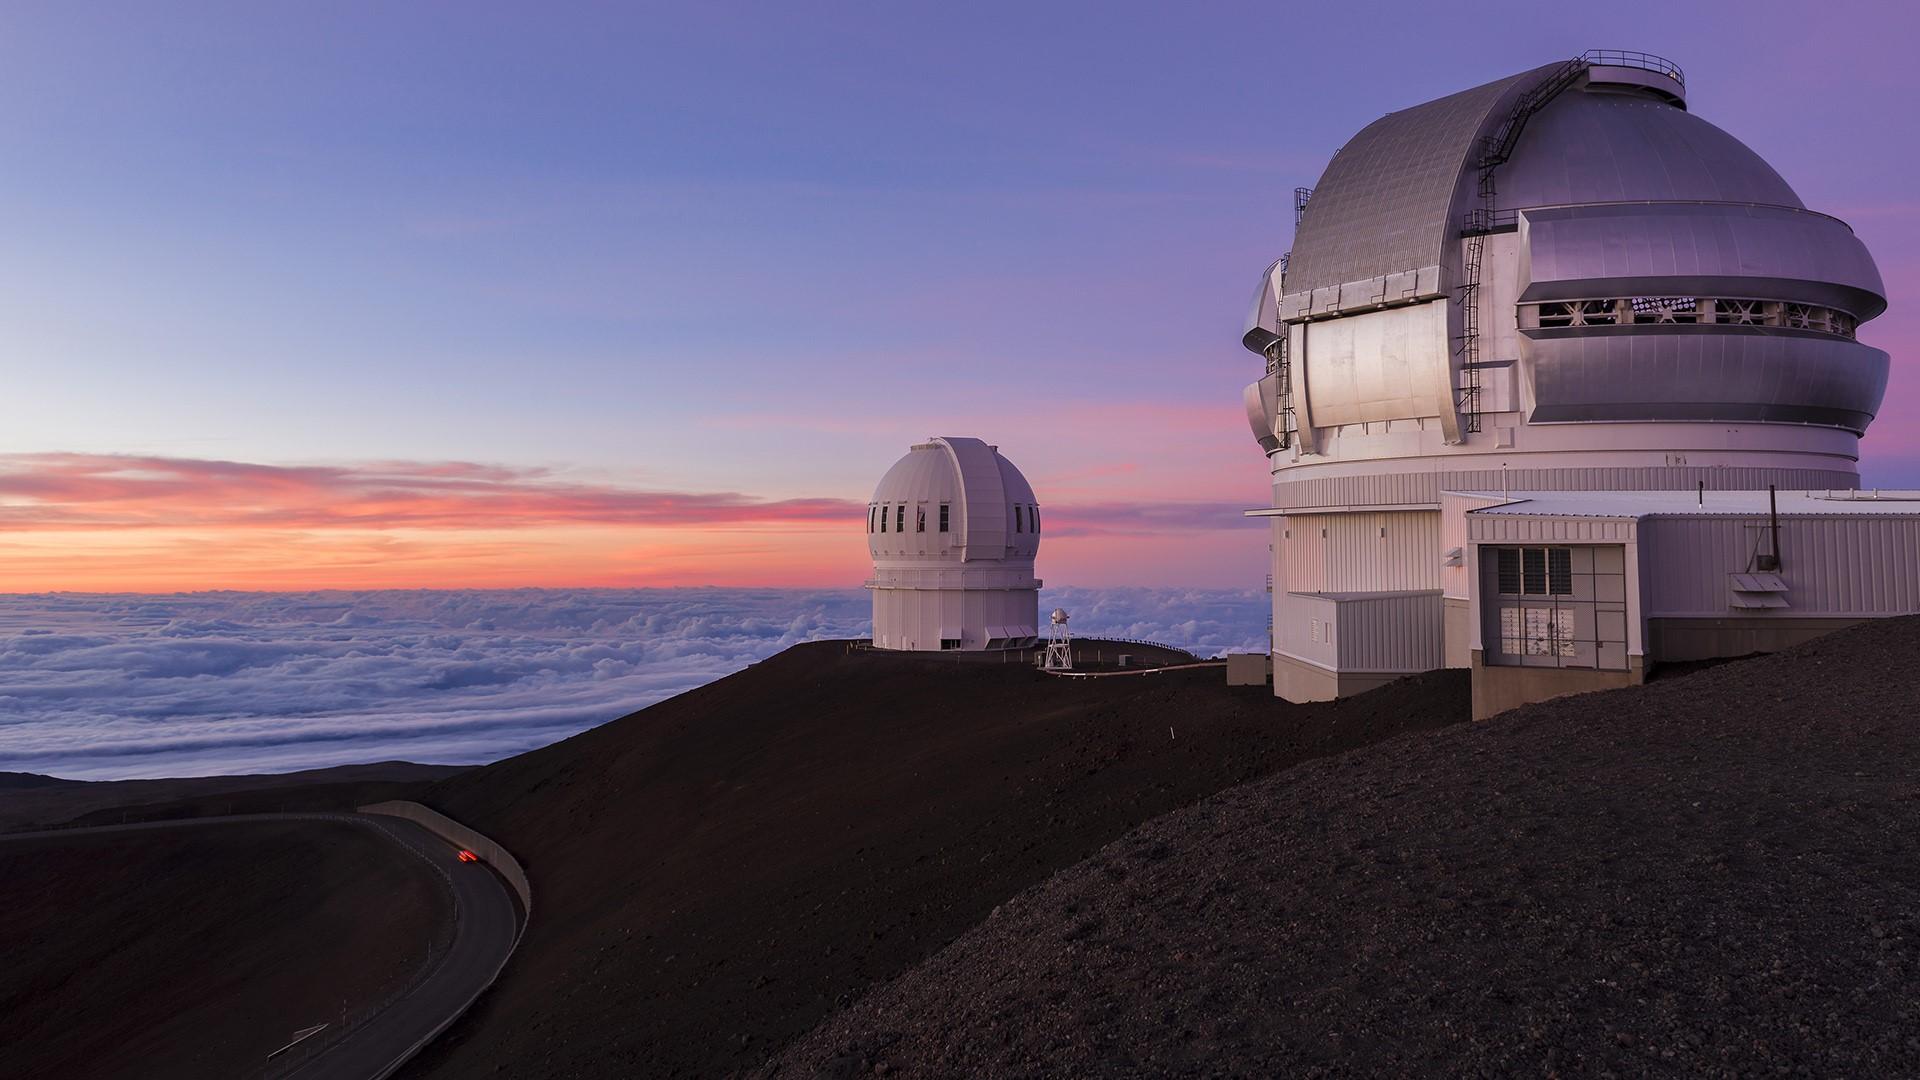 Astronomical Observatory, Mauna Kea, USA 1920x1080.jpg